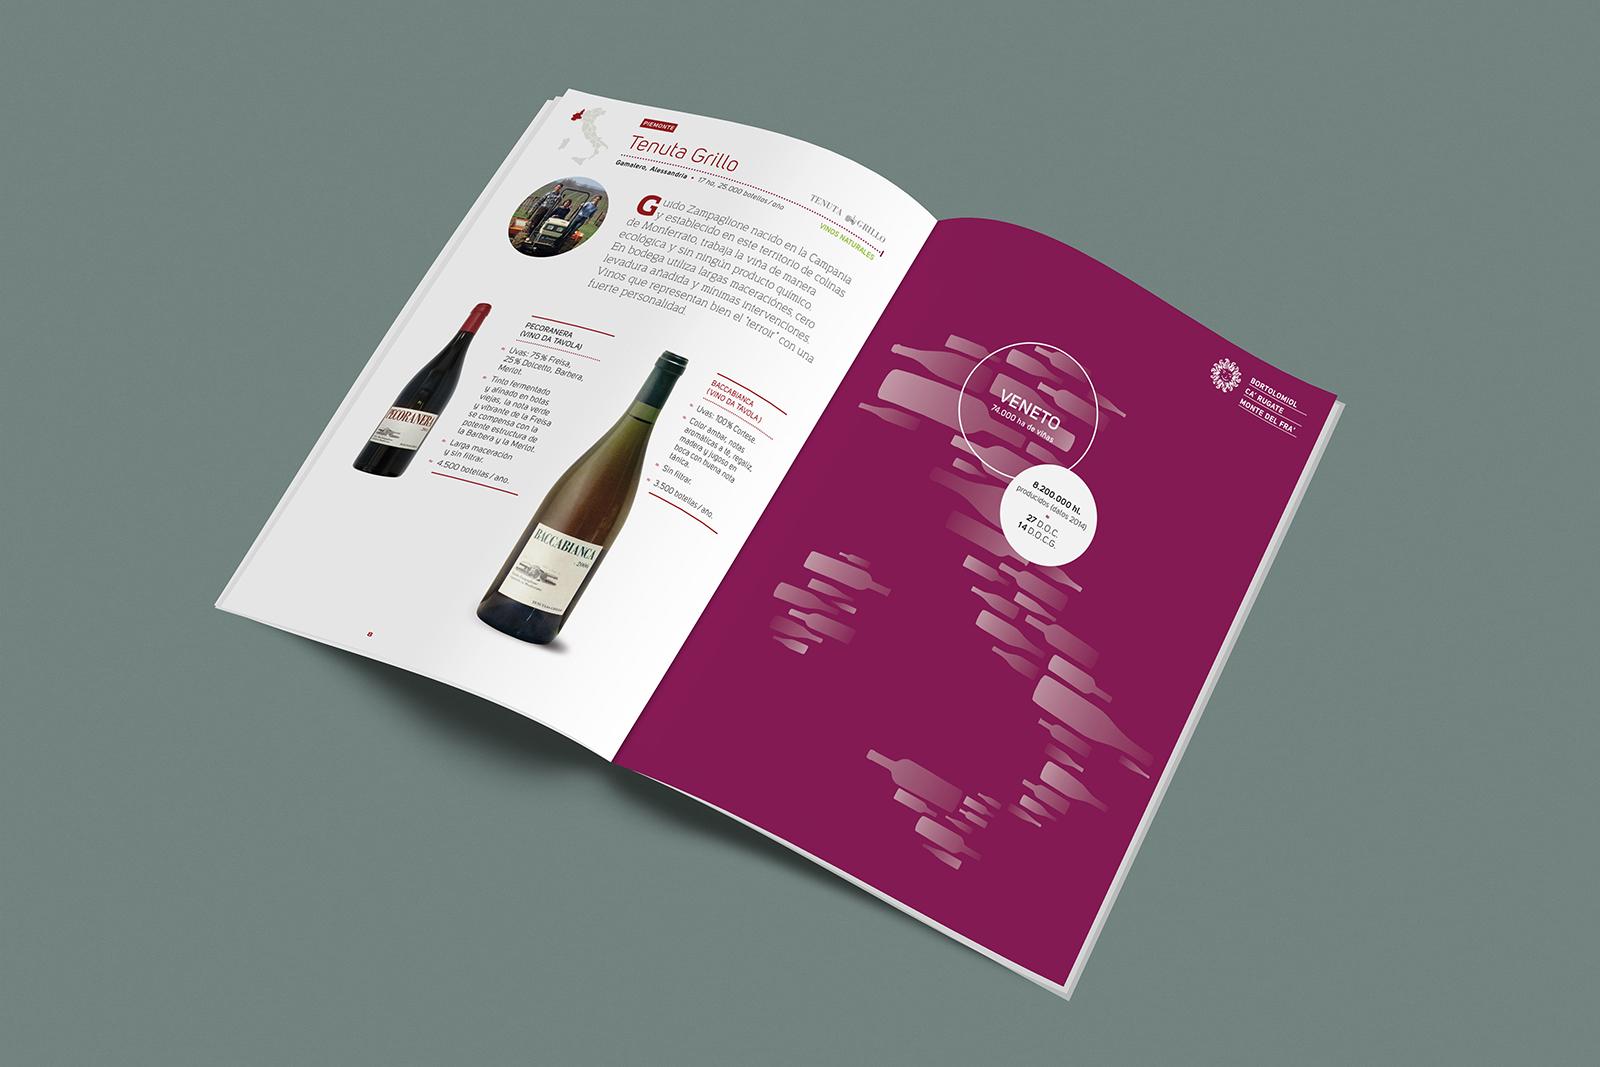 catalogue-enoteca-spread-4